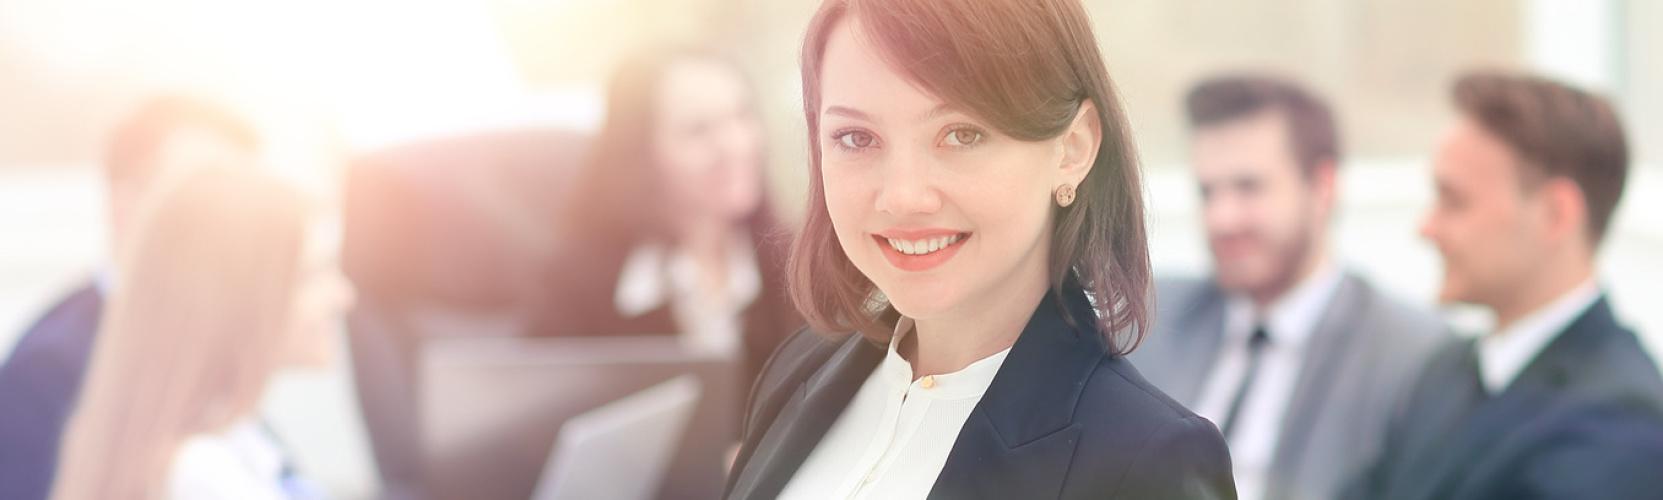 Junge Frau im Anzug - Karriere im Gebäudemanagement